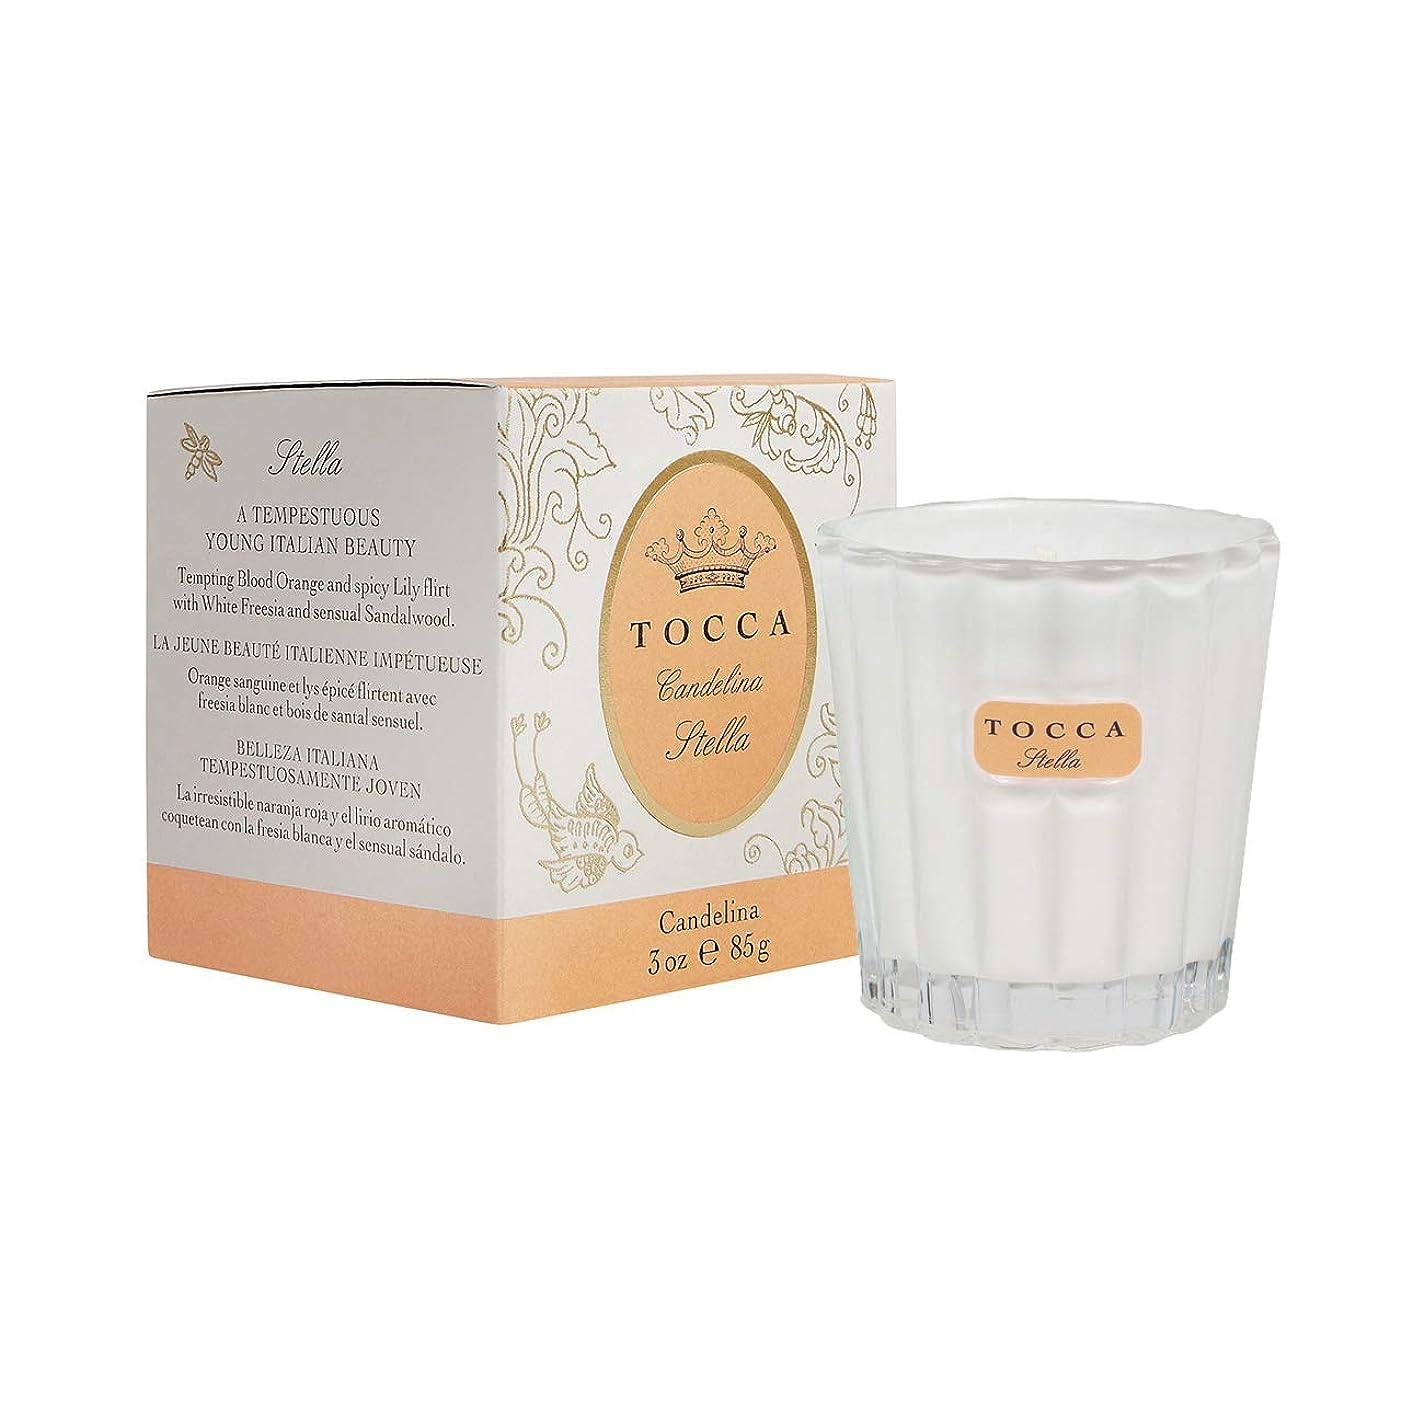 ソフトウェア不名誉債権者トッカ(TOCCA) キャンデリーナ ステラの香り 約85g (キャンドル ろうそく フレッシュでビターな香り)